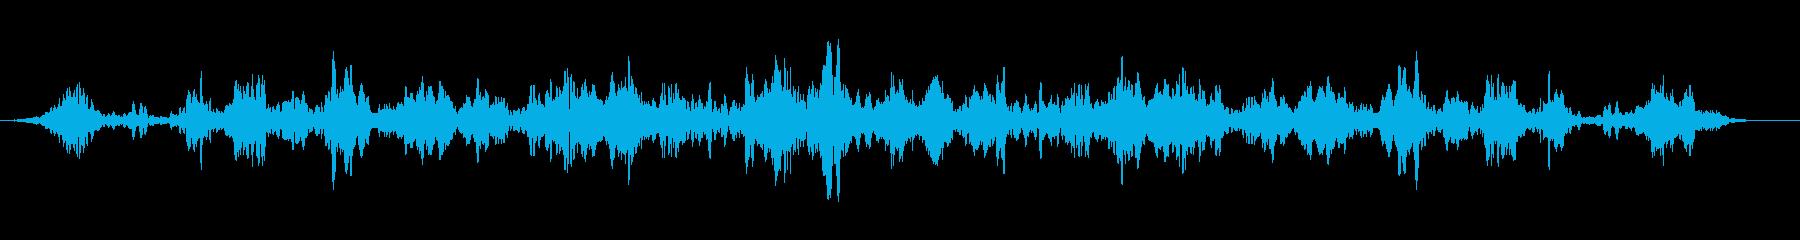 ミステリアスワールドトーンドローンの再生済みの波形